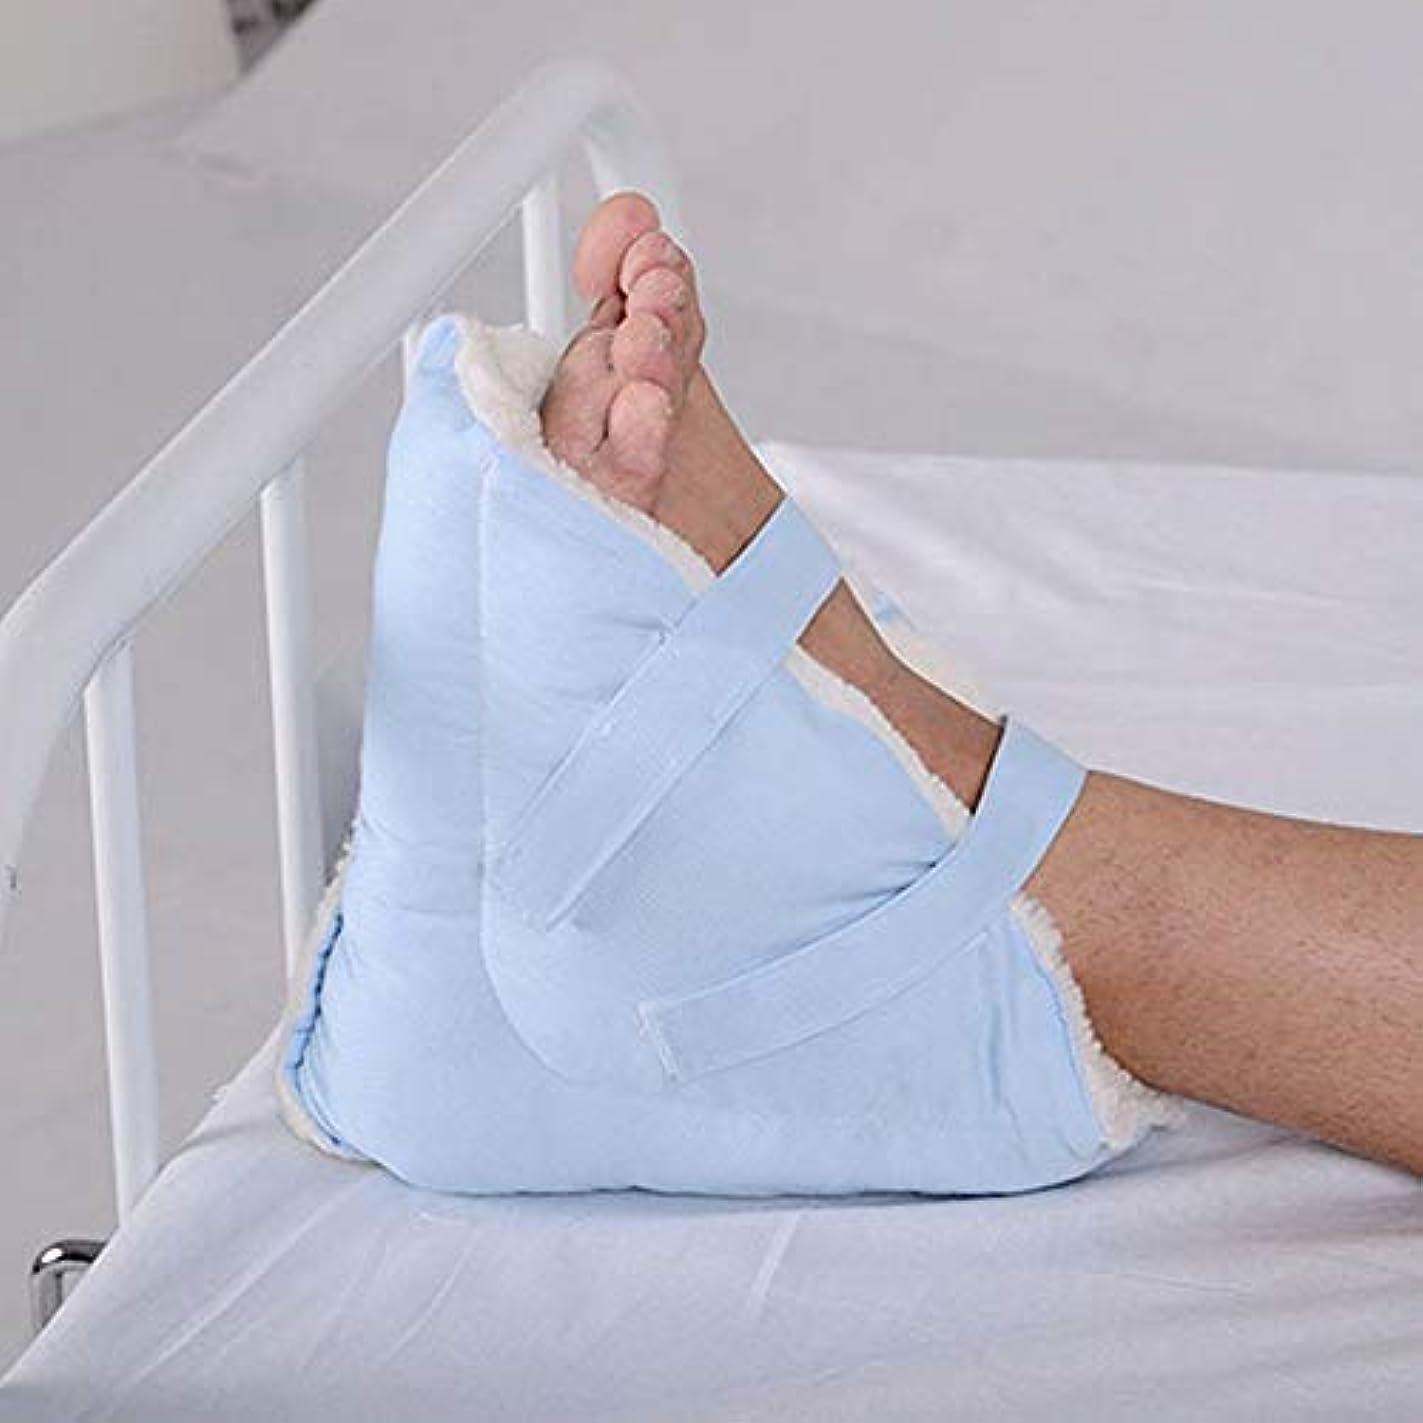 一般的にアクチュエータ報復する医療用ヒールクッションプロテクター - 足と足首の枕ガード1組   - 合成 ラムスウールフリースパッド入り - 圧力開放